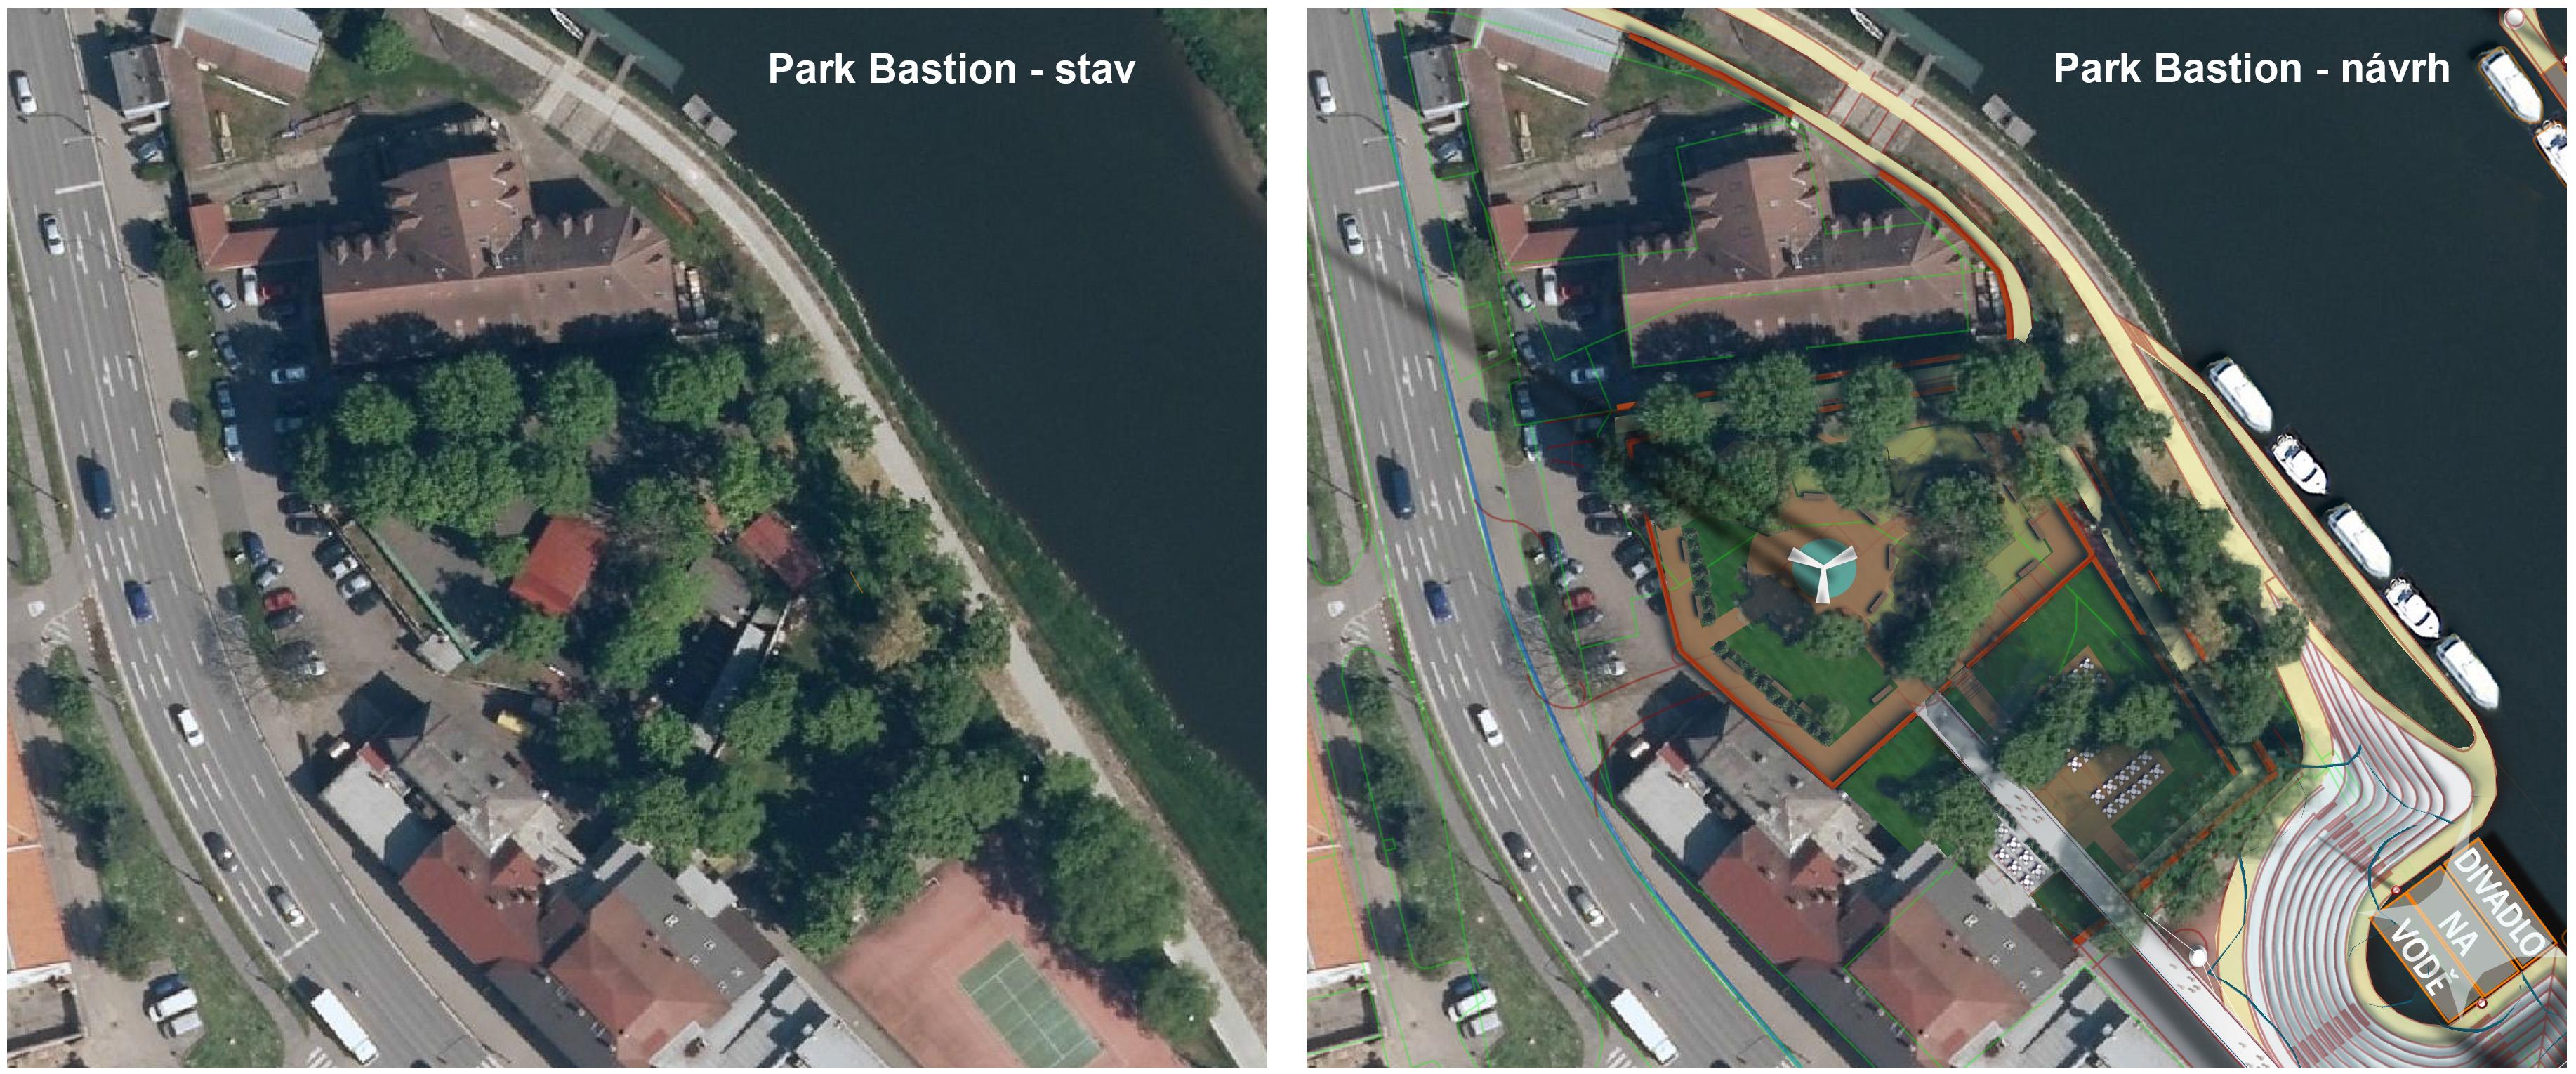 Park Bastion Uherské Hradiště